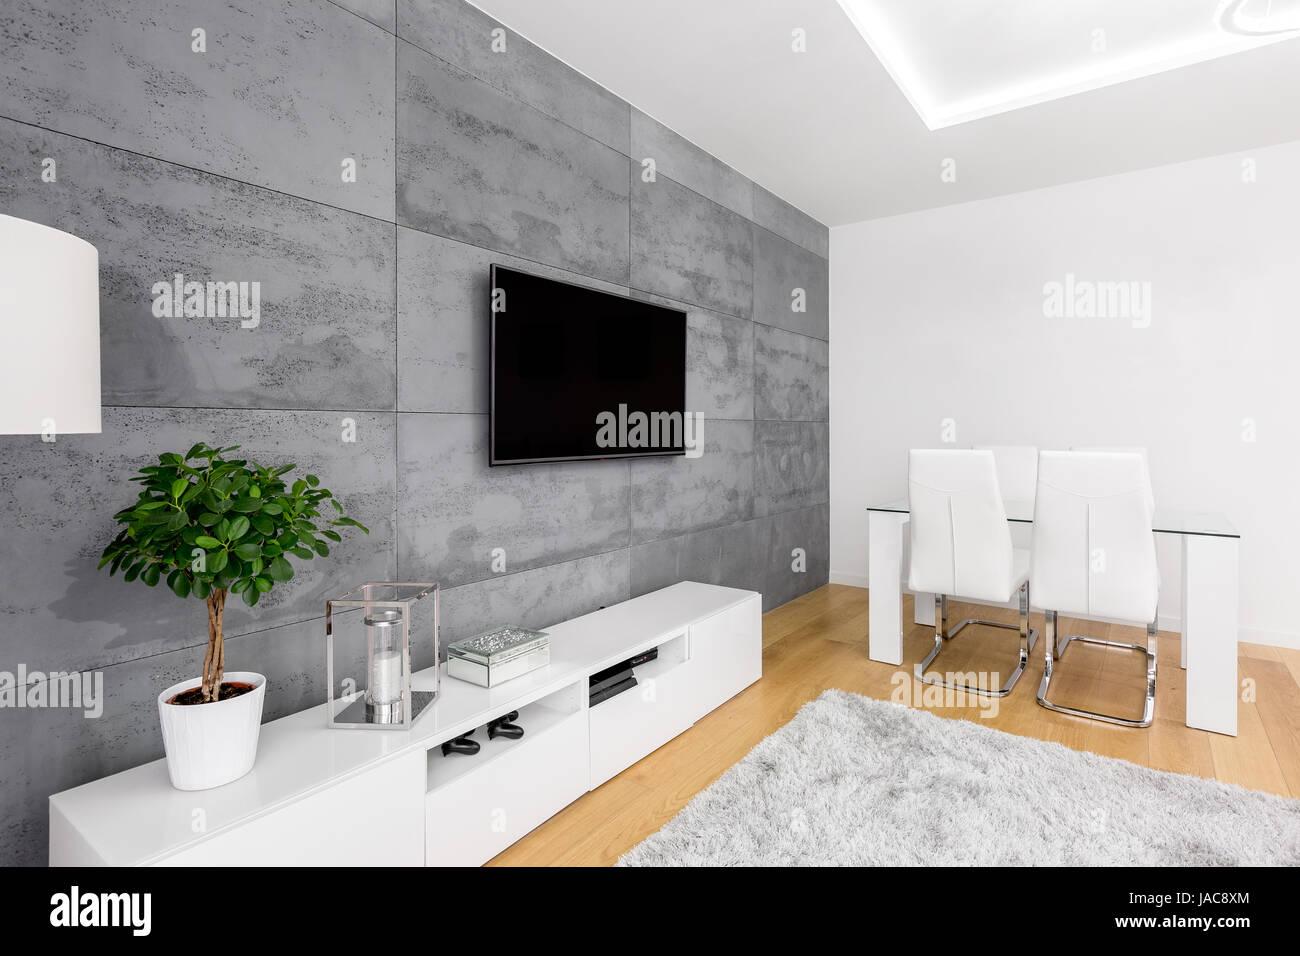 armoire dans le mur excellent couleur peinture cuisine tendance des photos elista mur armoire. Black Bedroom Furniture Sets. Home Design Ideas